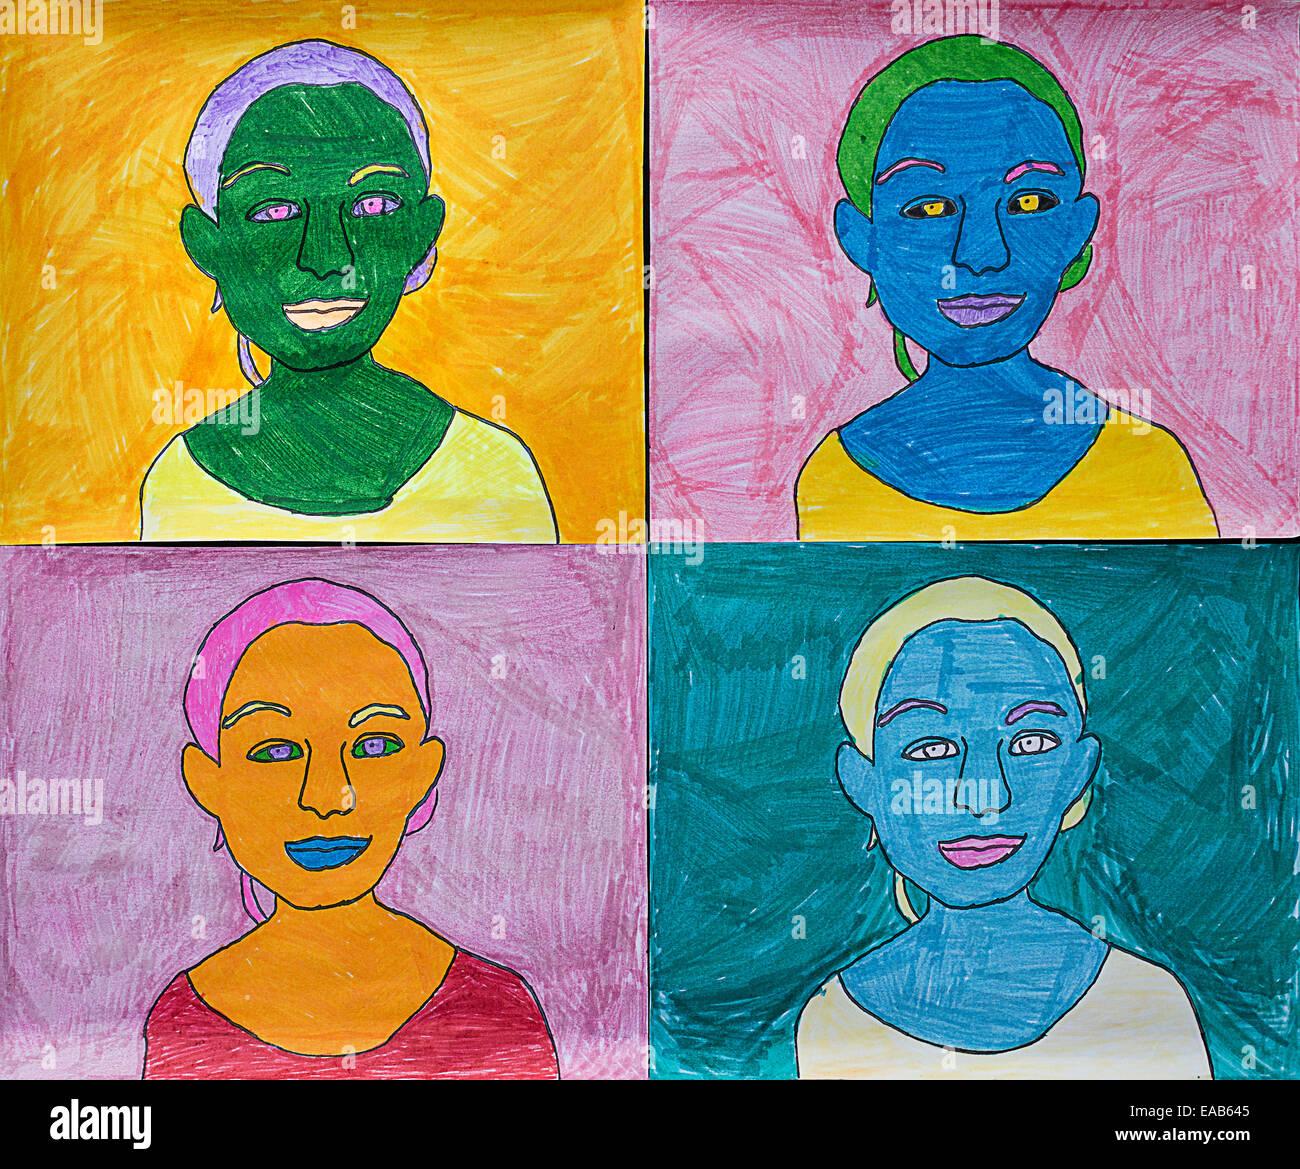 Des Kindes Kunstprojekt über Warhol. Stockfoto